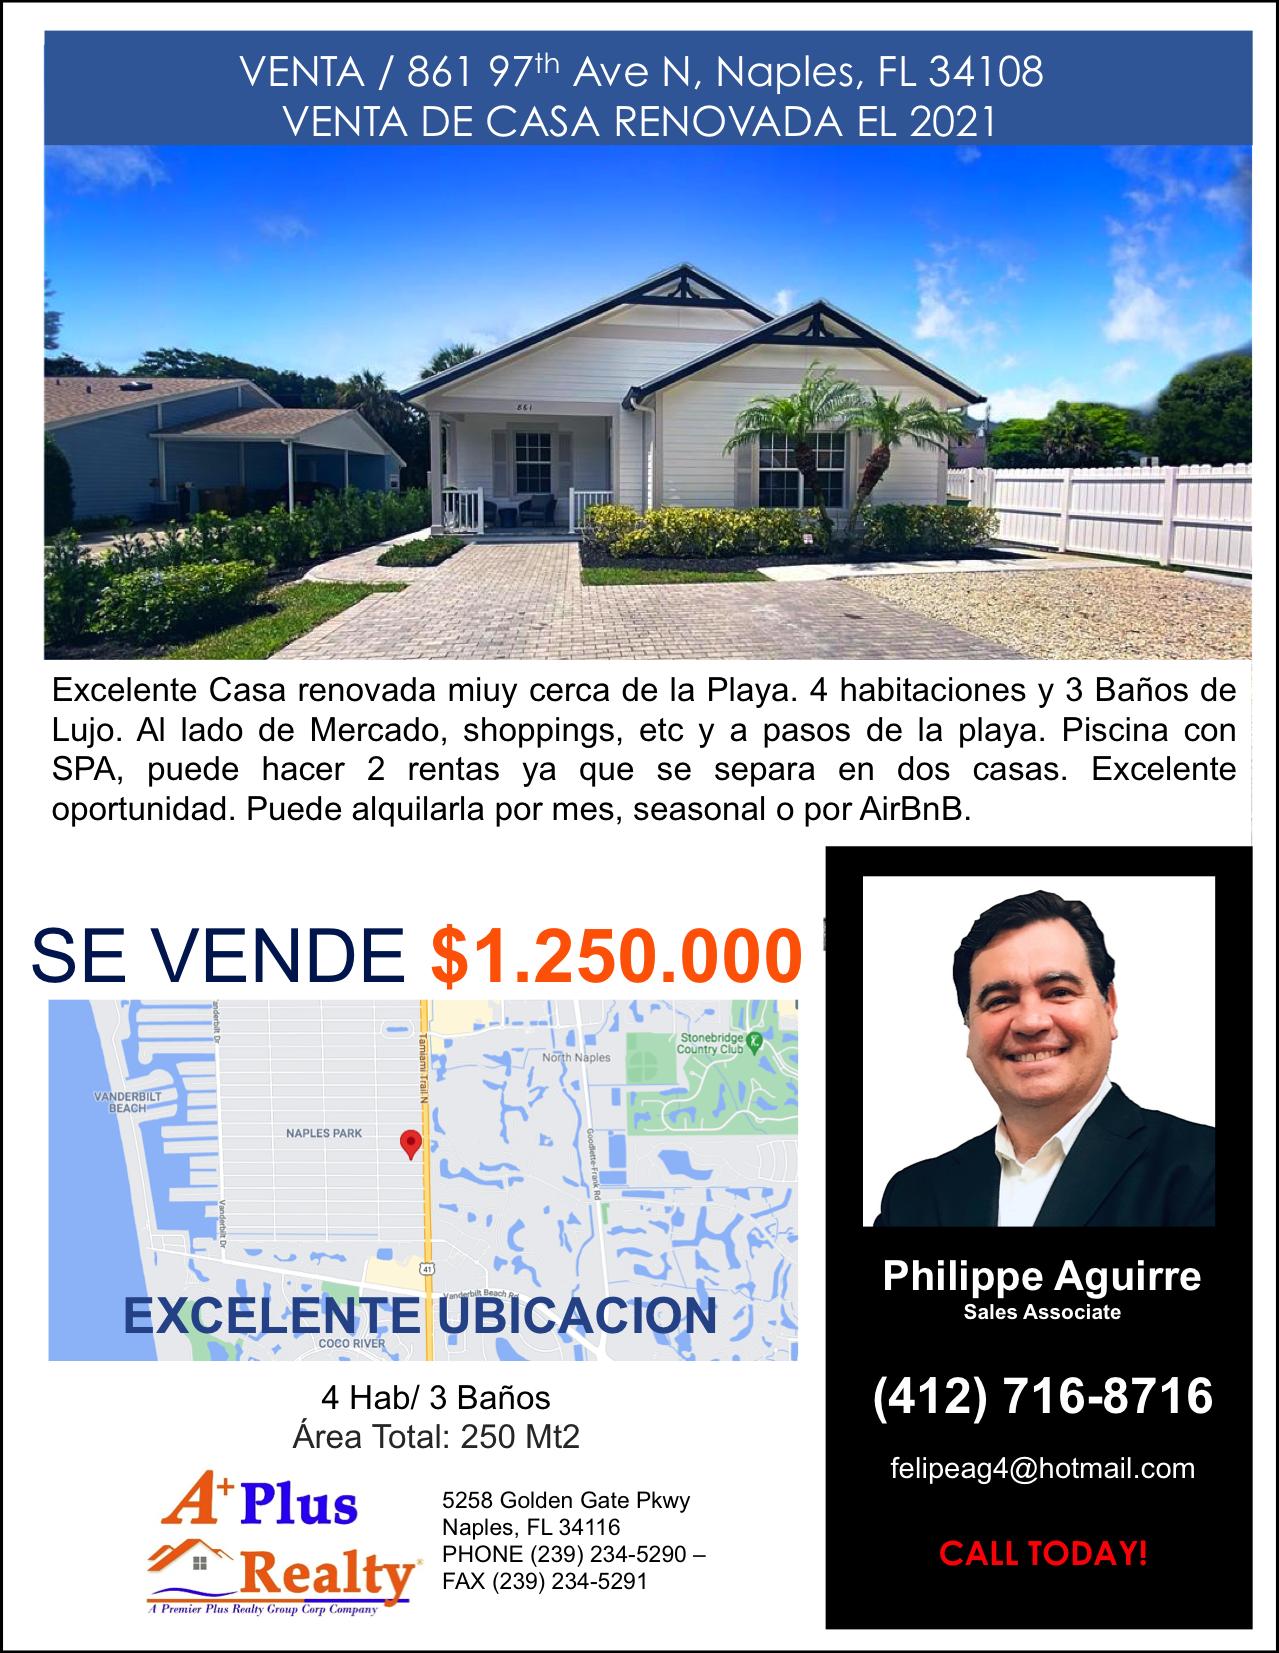 Comprar casas en la Florida 6